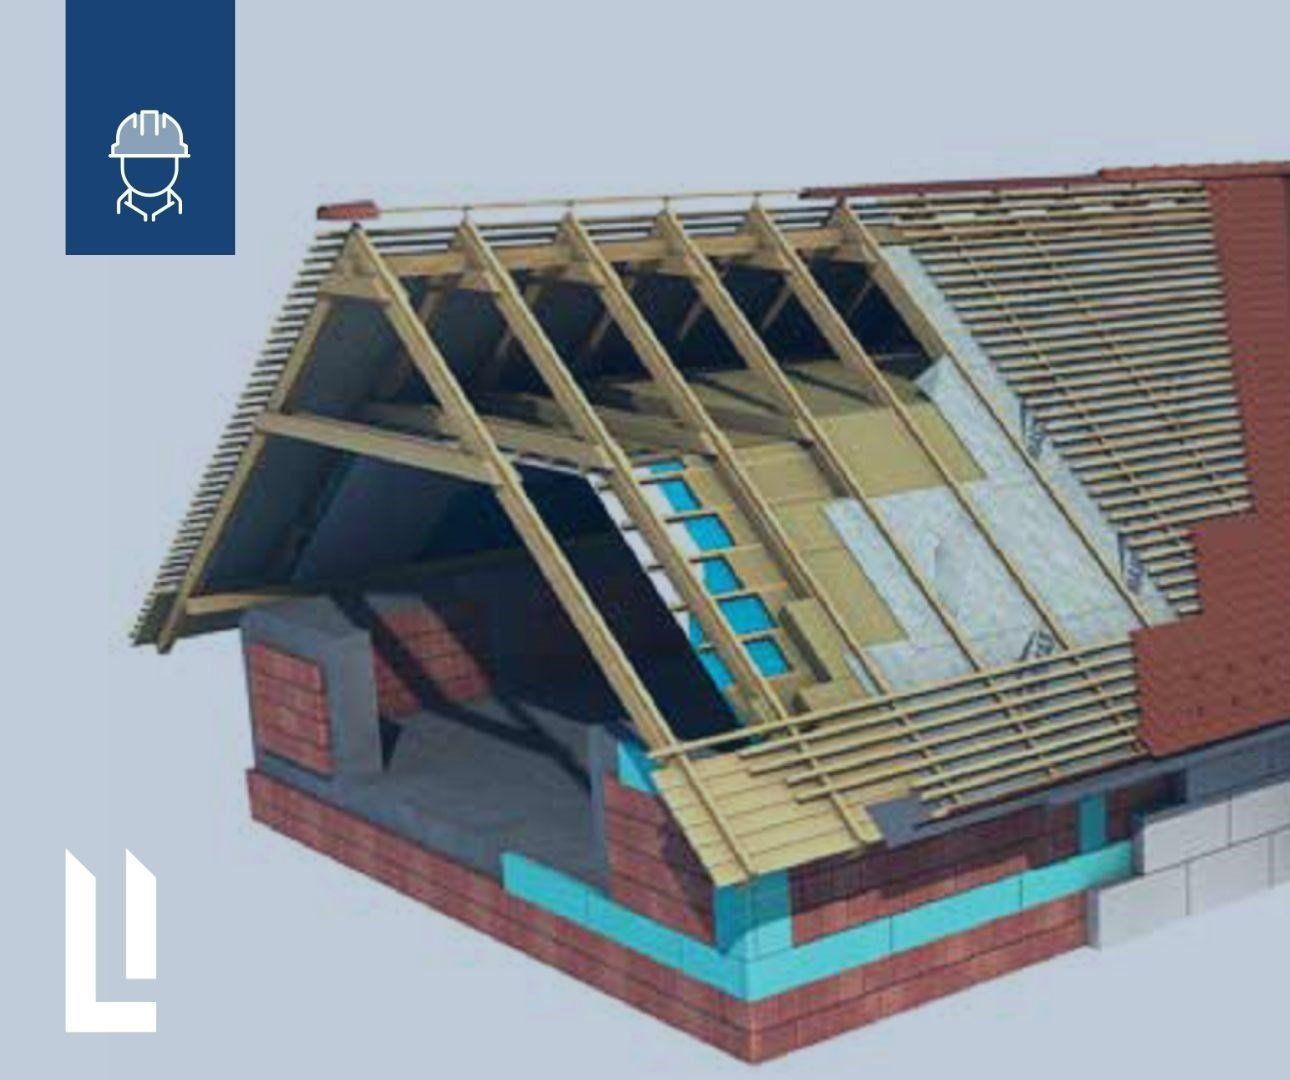 Da LINK industries le membrane protettive tra gli strati del tetto